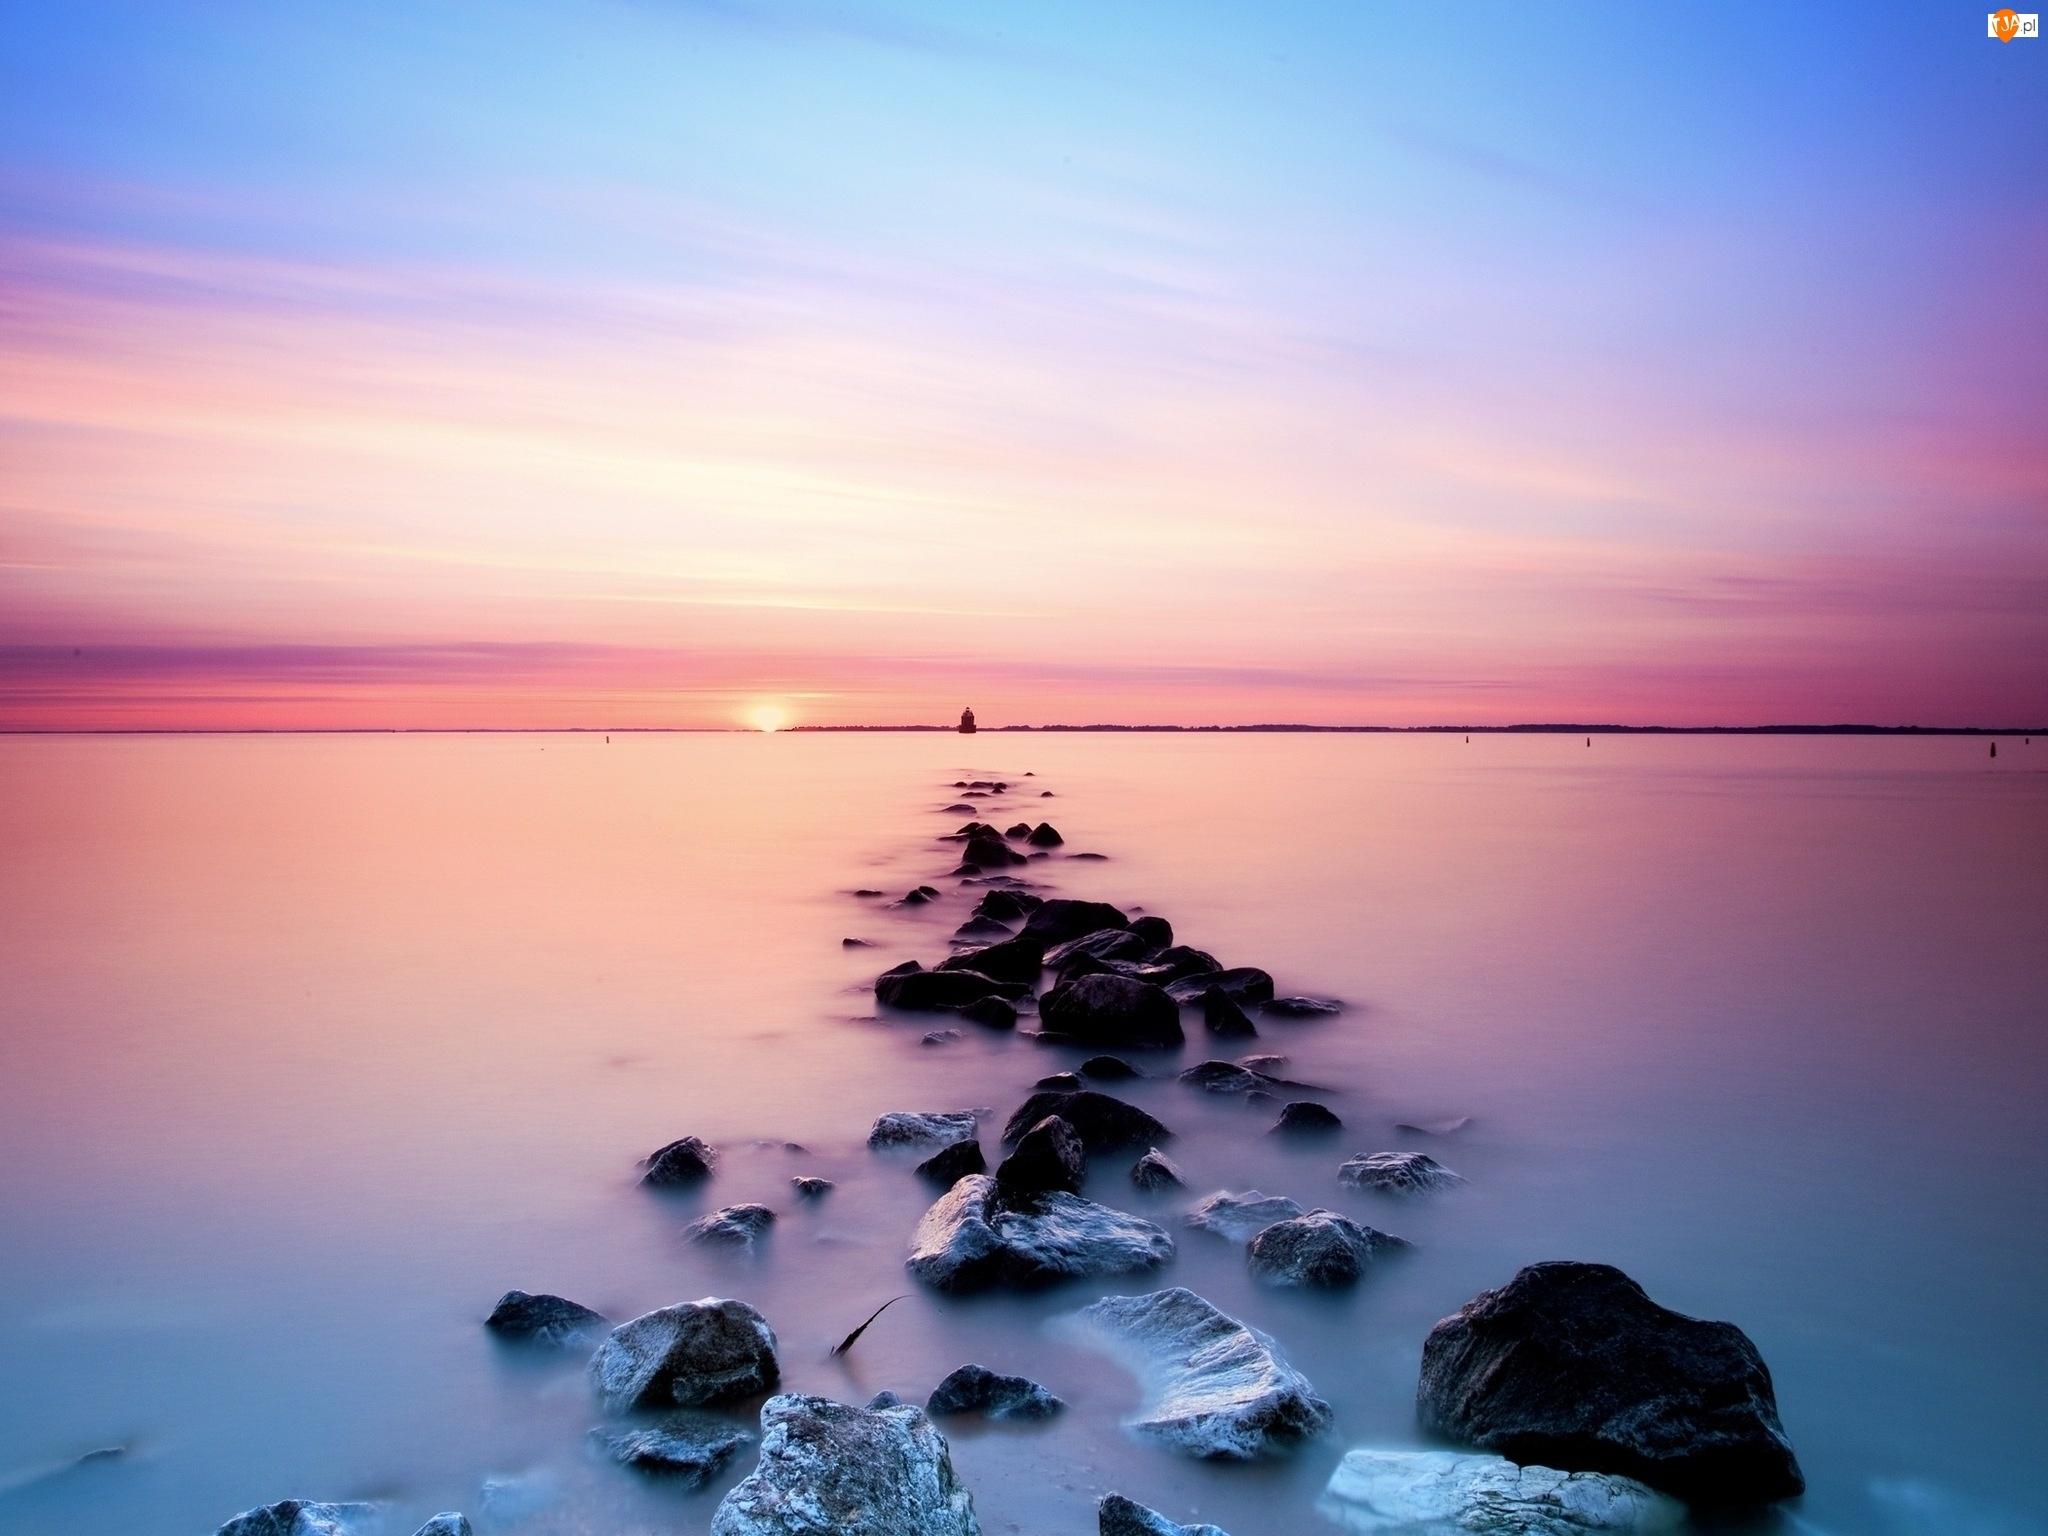 Morze, Słońca, Kamienie, Zachód